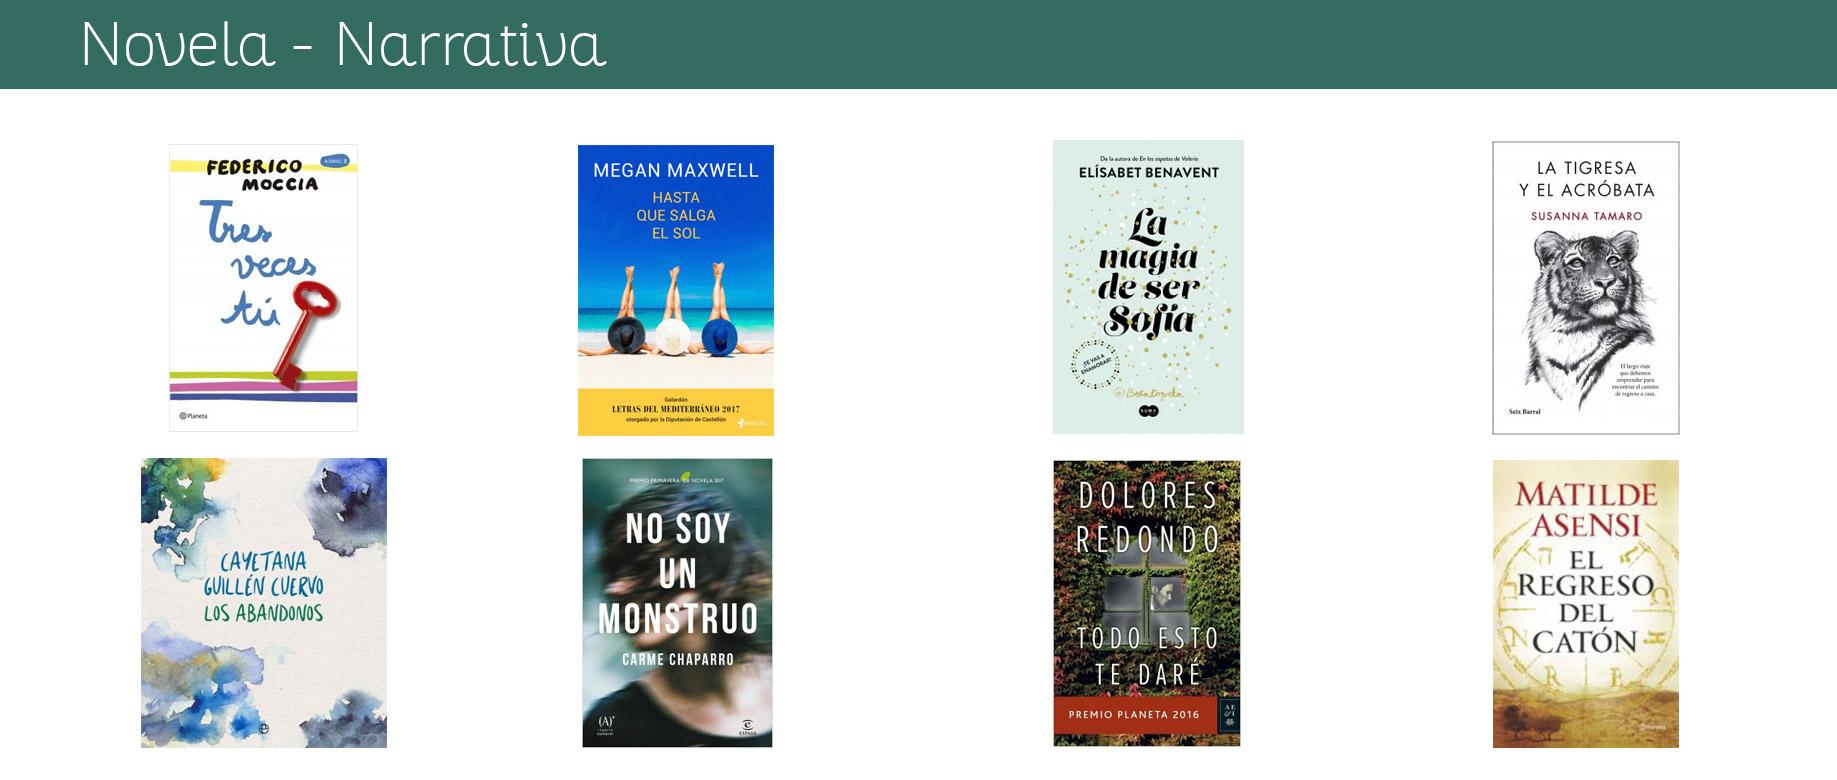 bodegon-literatura-novela